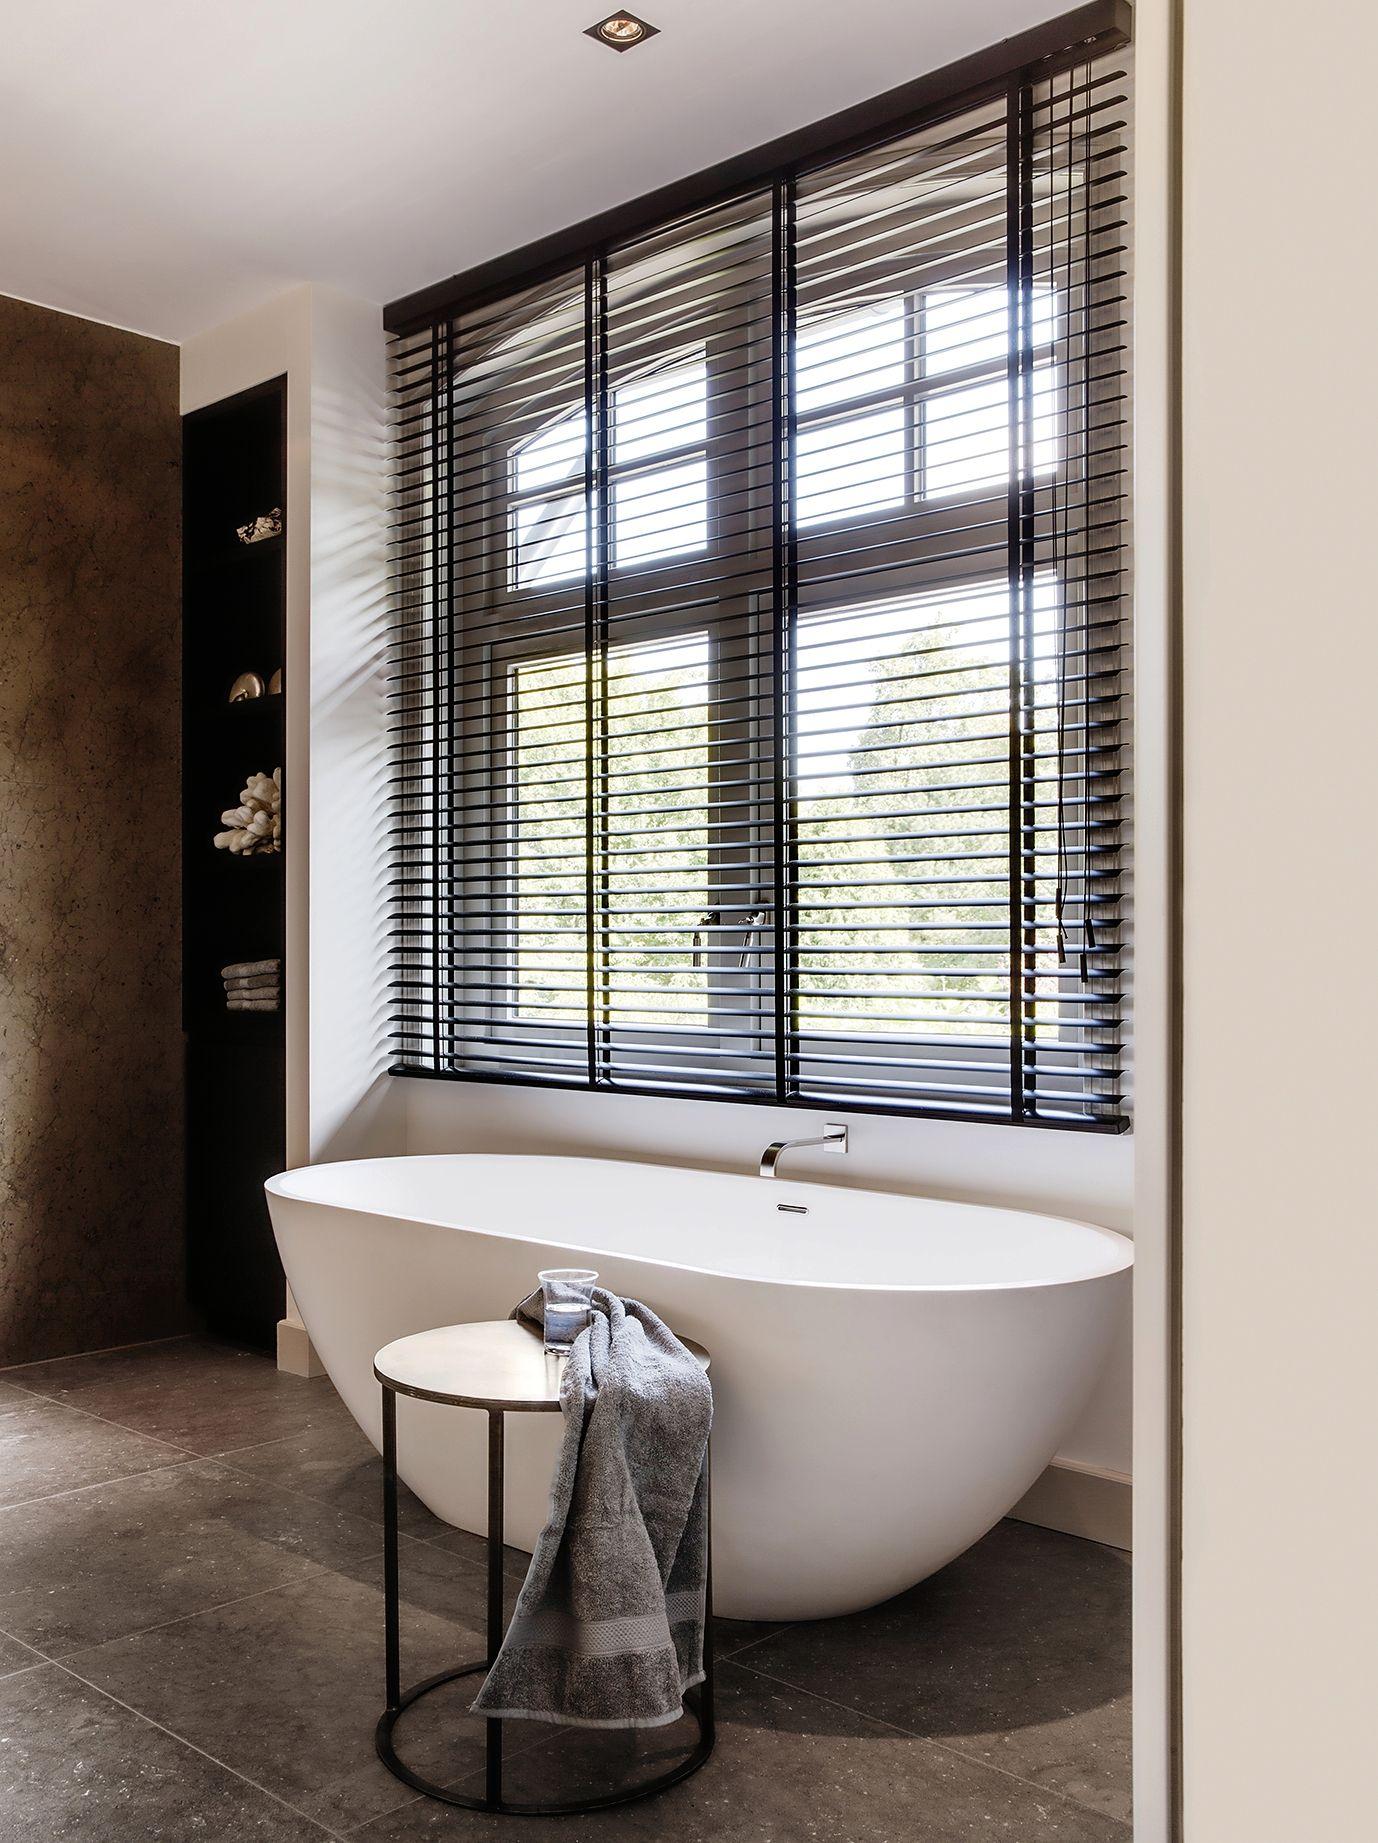 klassiek moderne badkamer met houten jaloezieà n van zonnelux foto